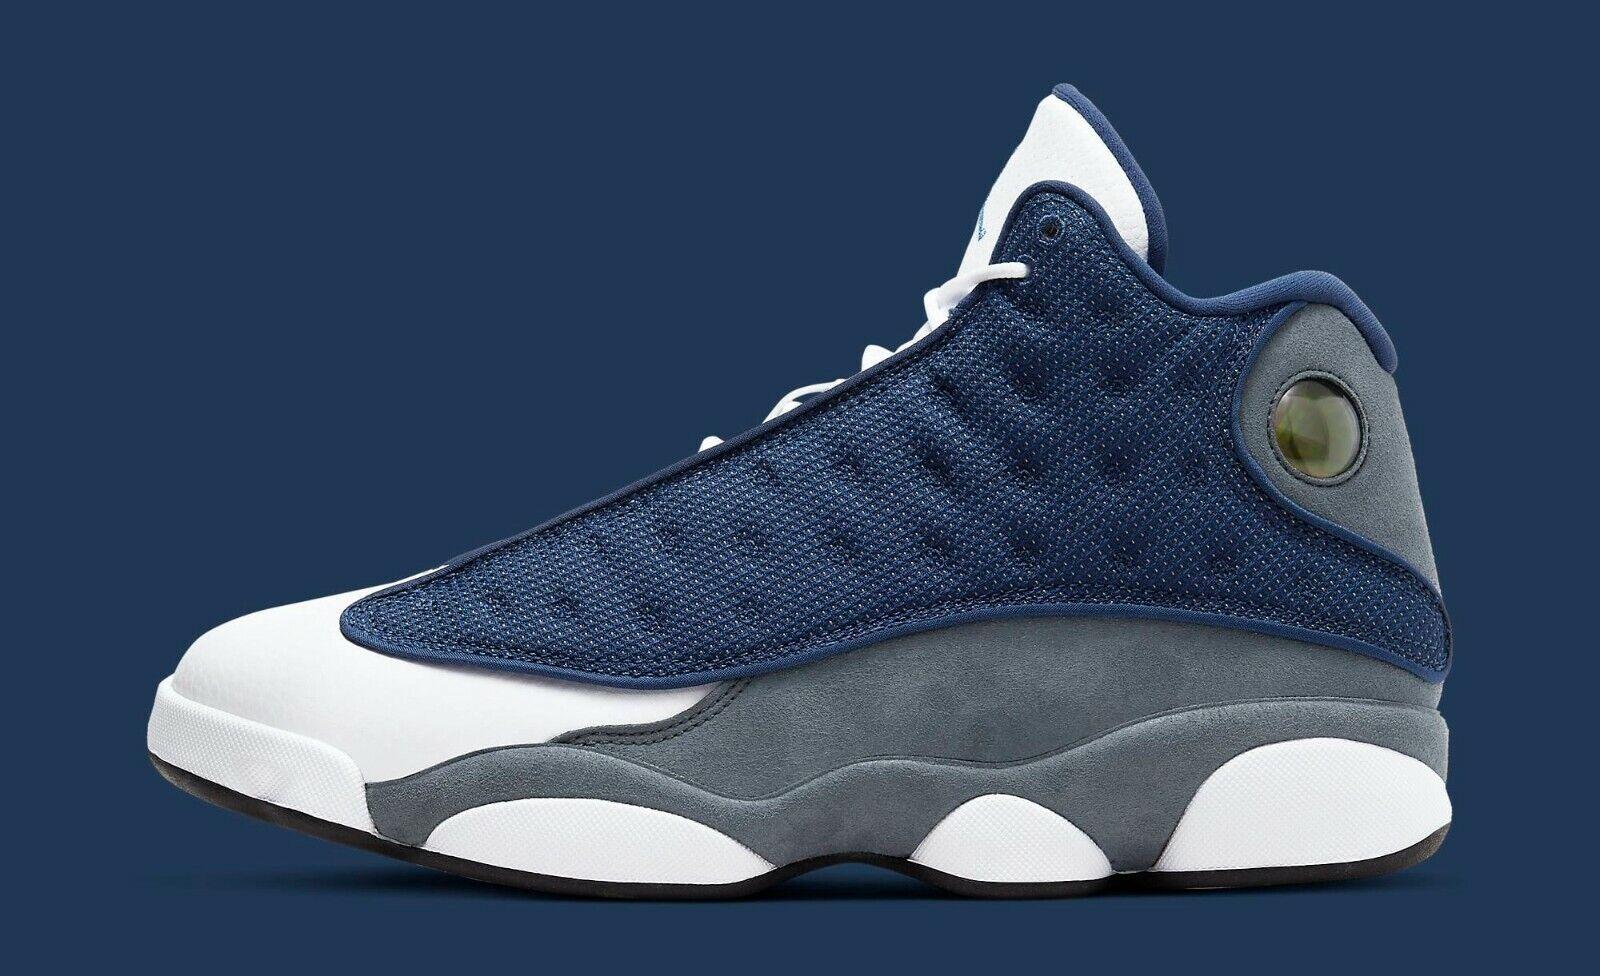 Nike Air Jordan 11 Xi Georgetown Low Retro Grey Mist Navy Blue